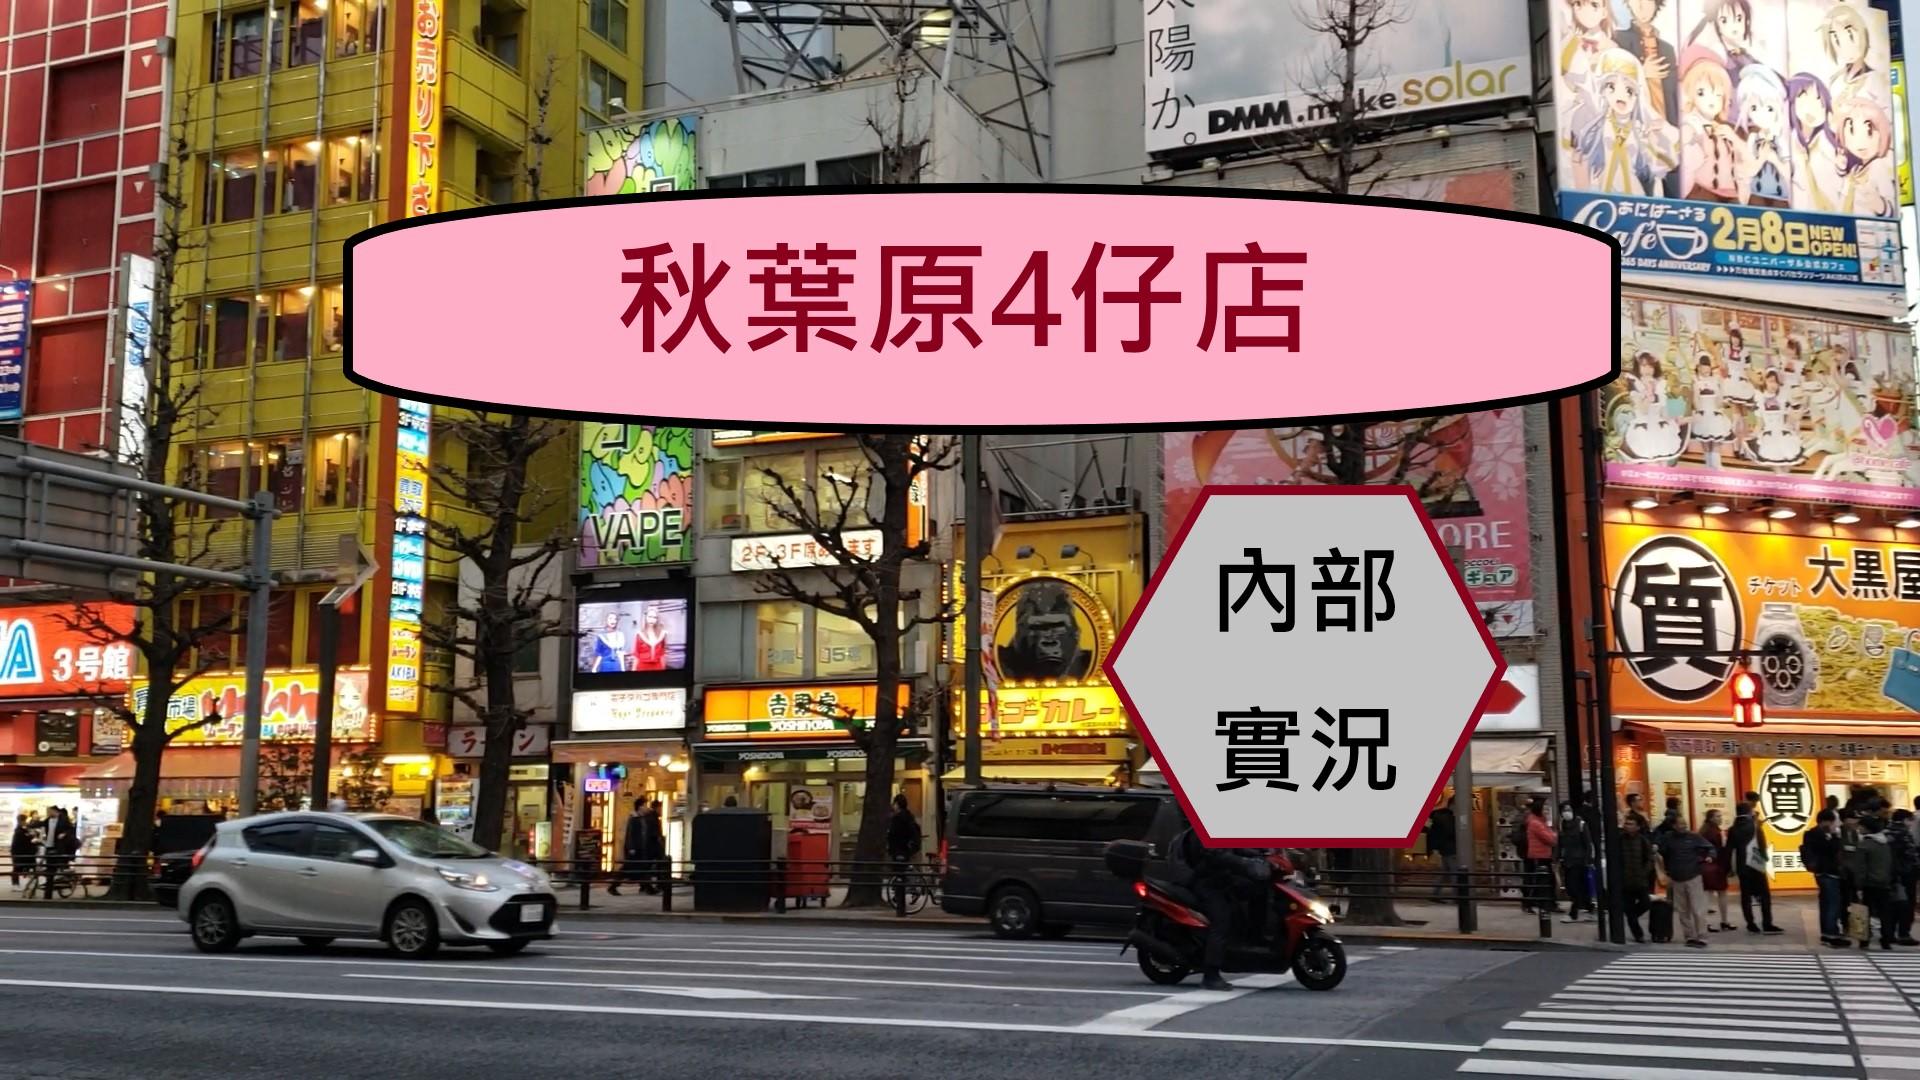 秋葉原 色情 4 仔DVD 店內部實況 - 香港高登討論區